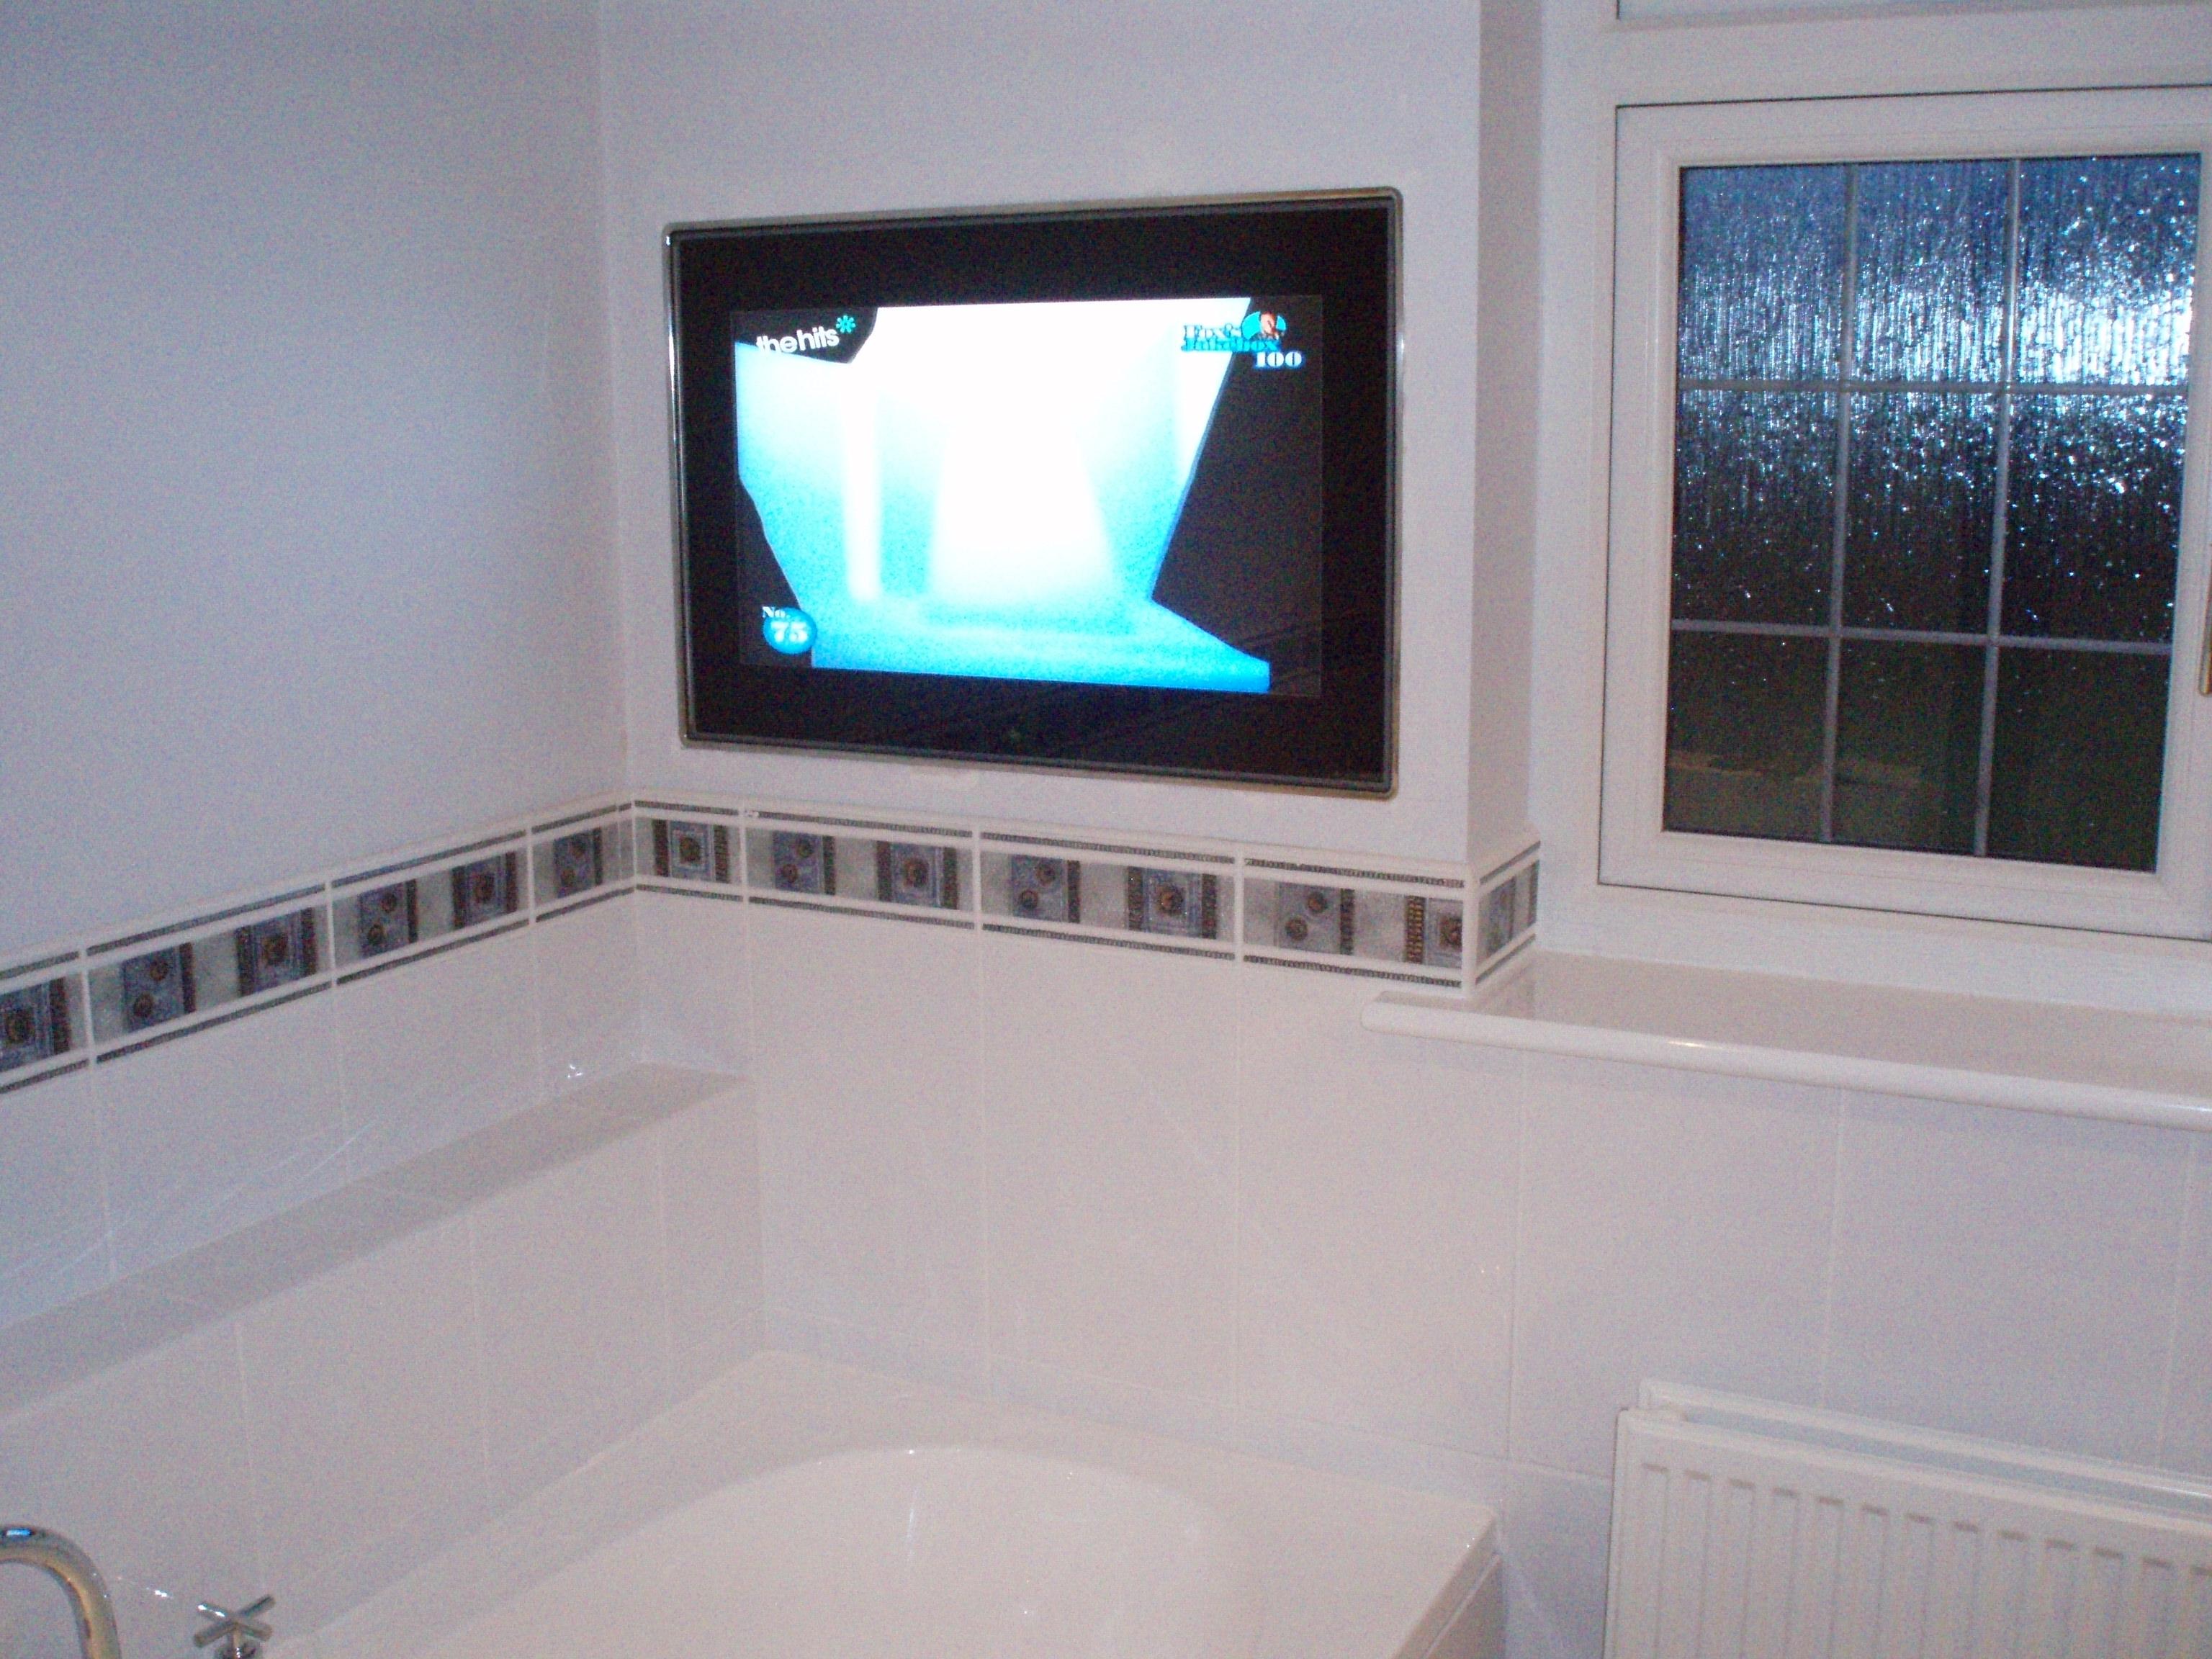 Телевизор на дистанционном управлении в ванной комнате